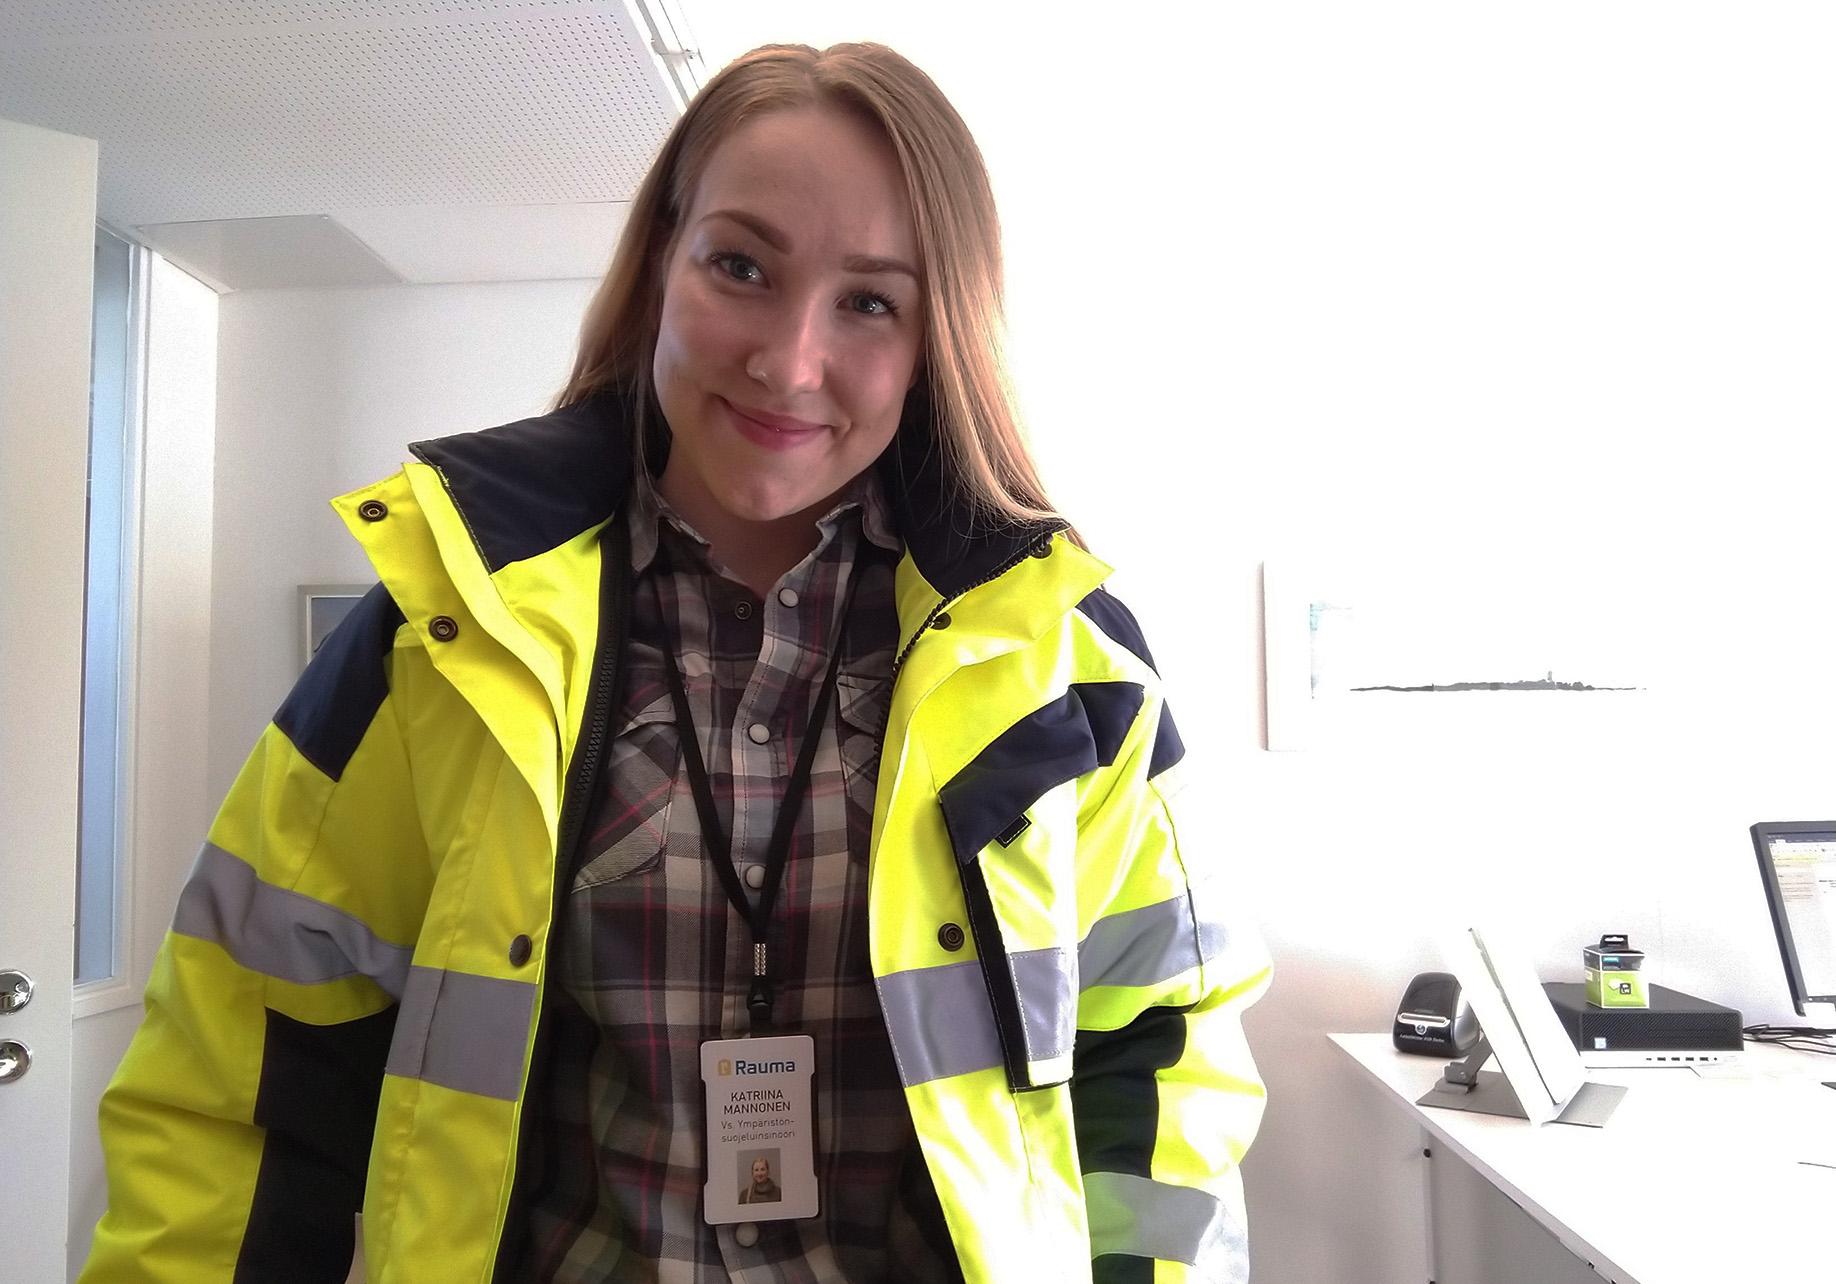 Ympäristönsuojeluinsinööri Katriina Mannonen keltaisessa huomiotakissa toimistossa. Katriina Mannonen wearing a yellow safety jacket in an office.